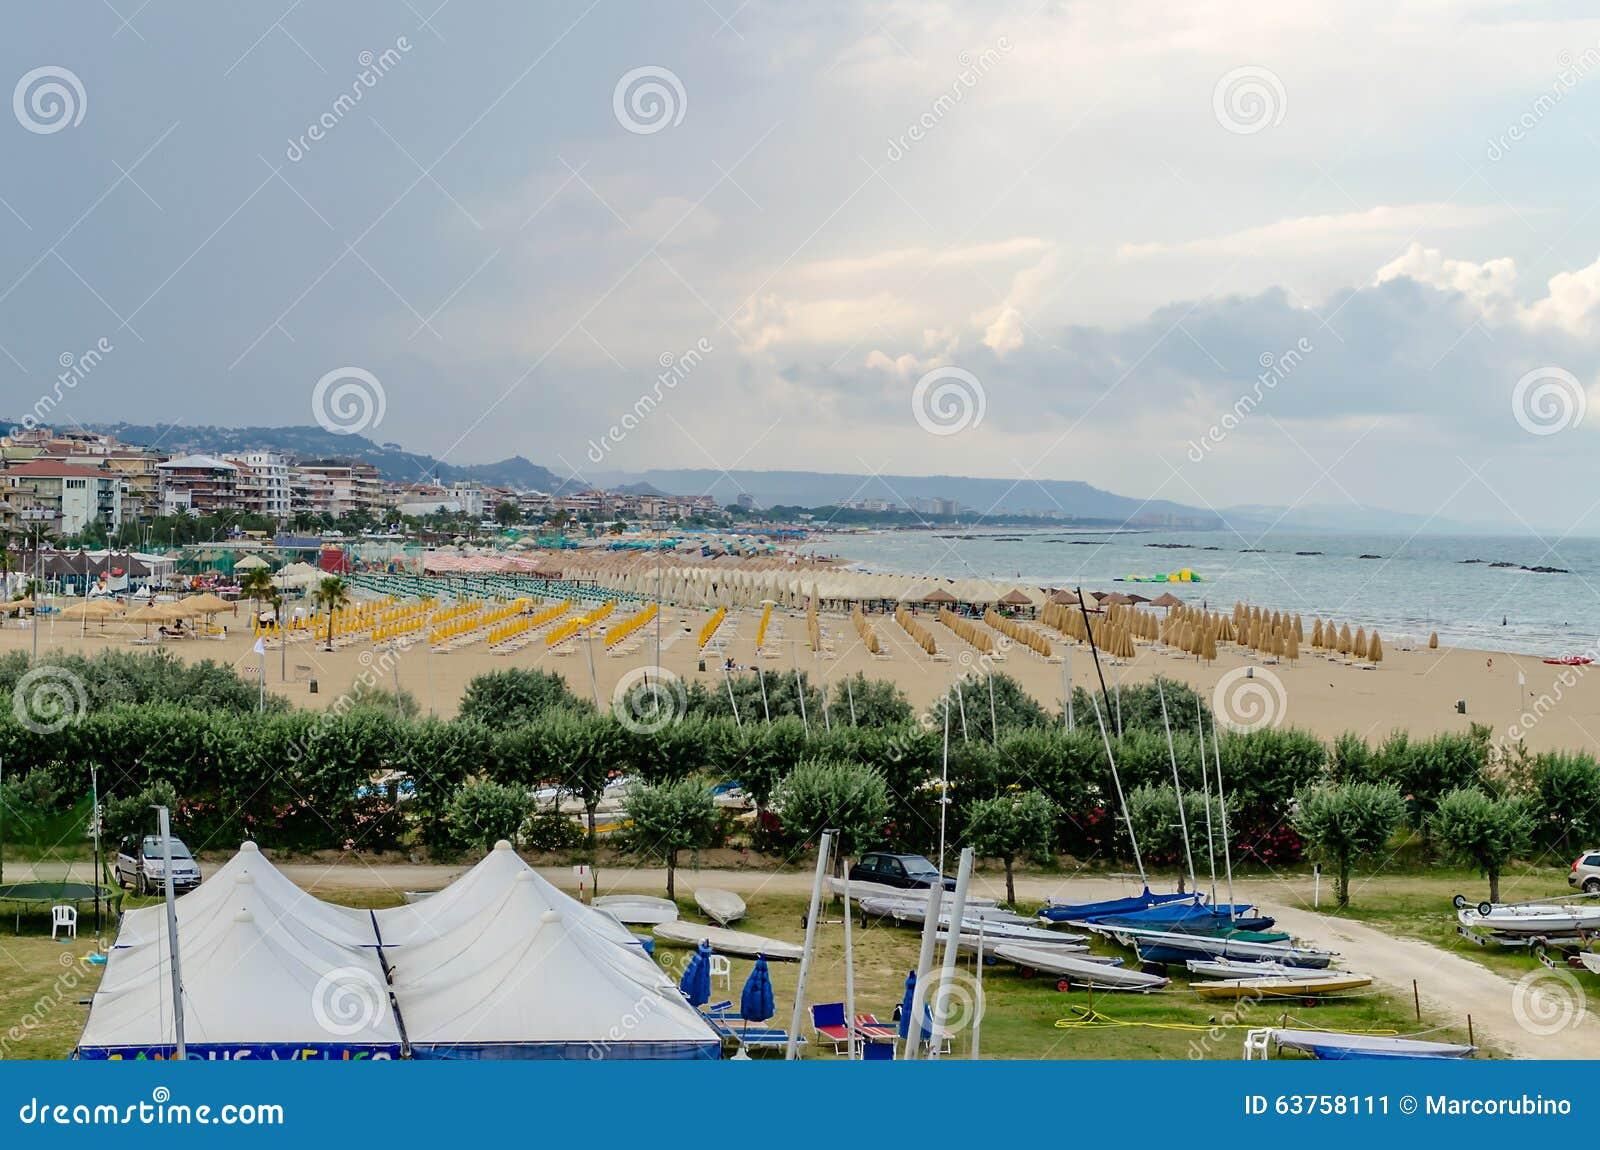 Pescara Strand strand av pescara på adriatiskt havet italien fotografering för